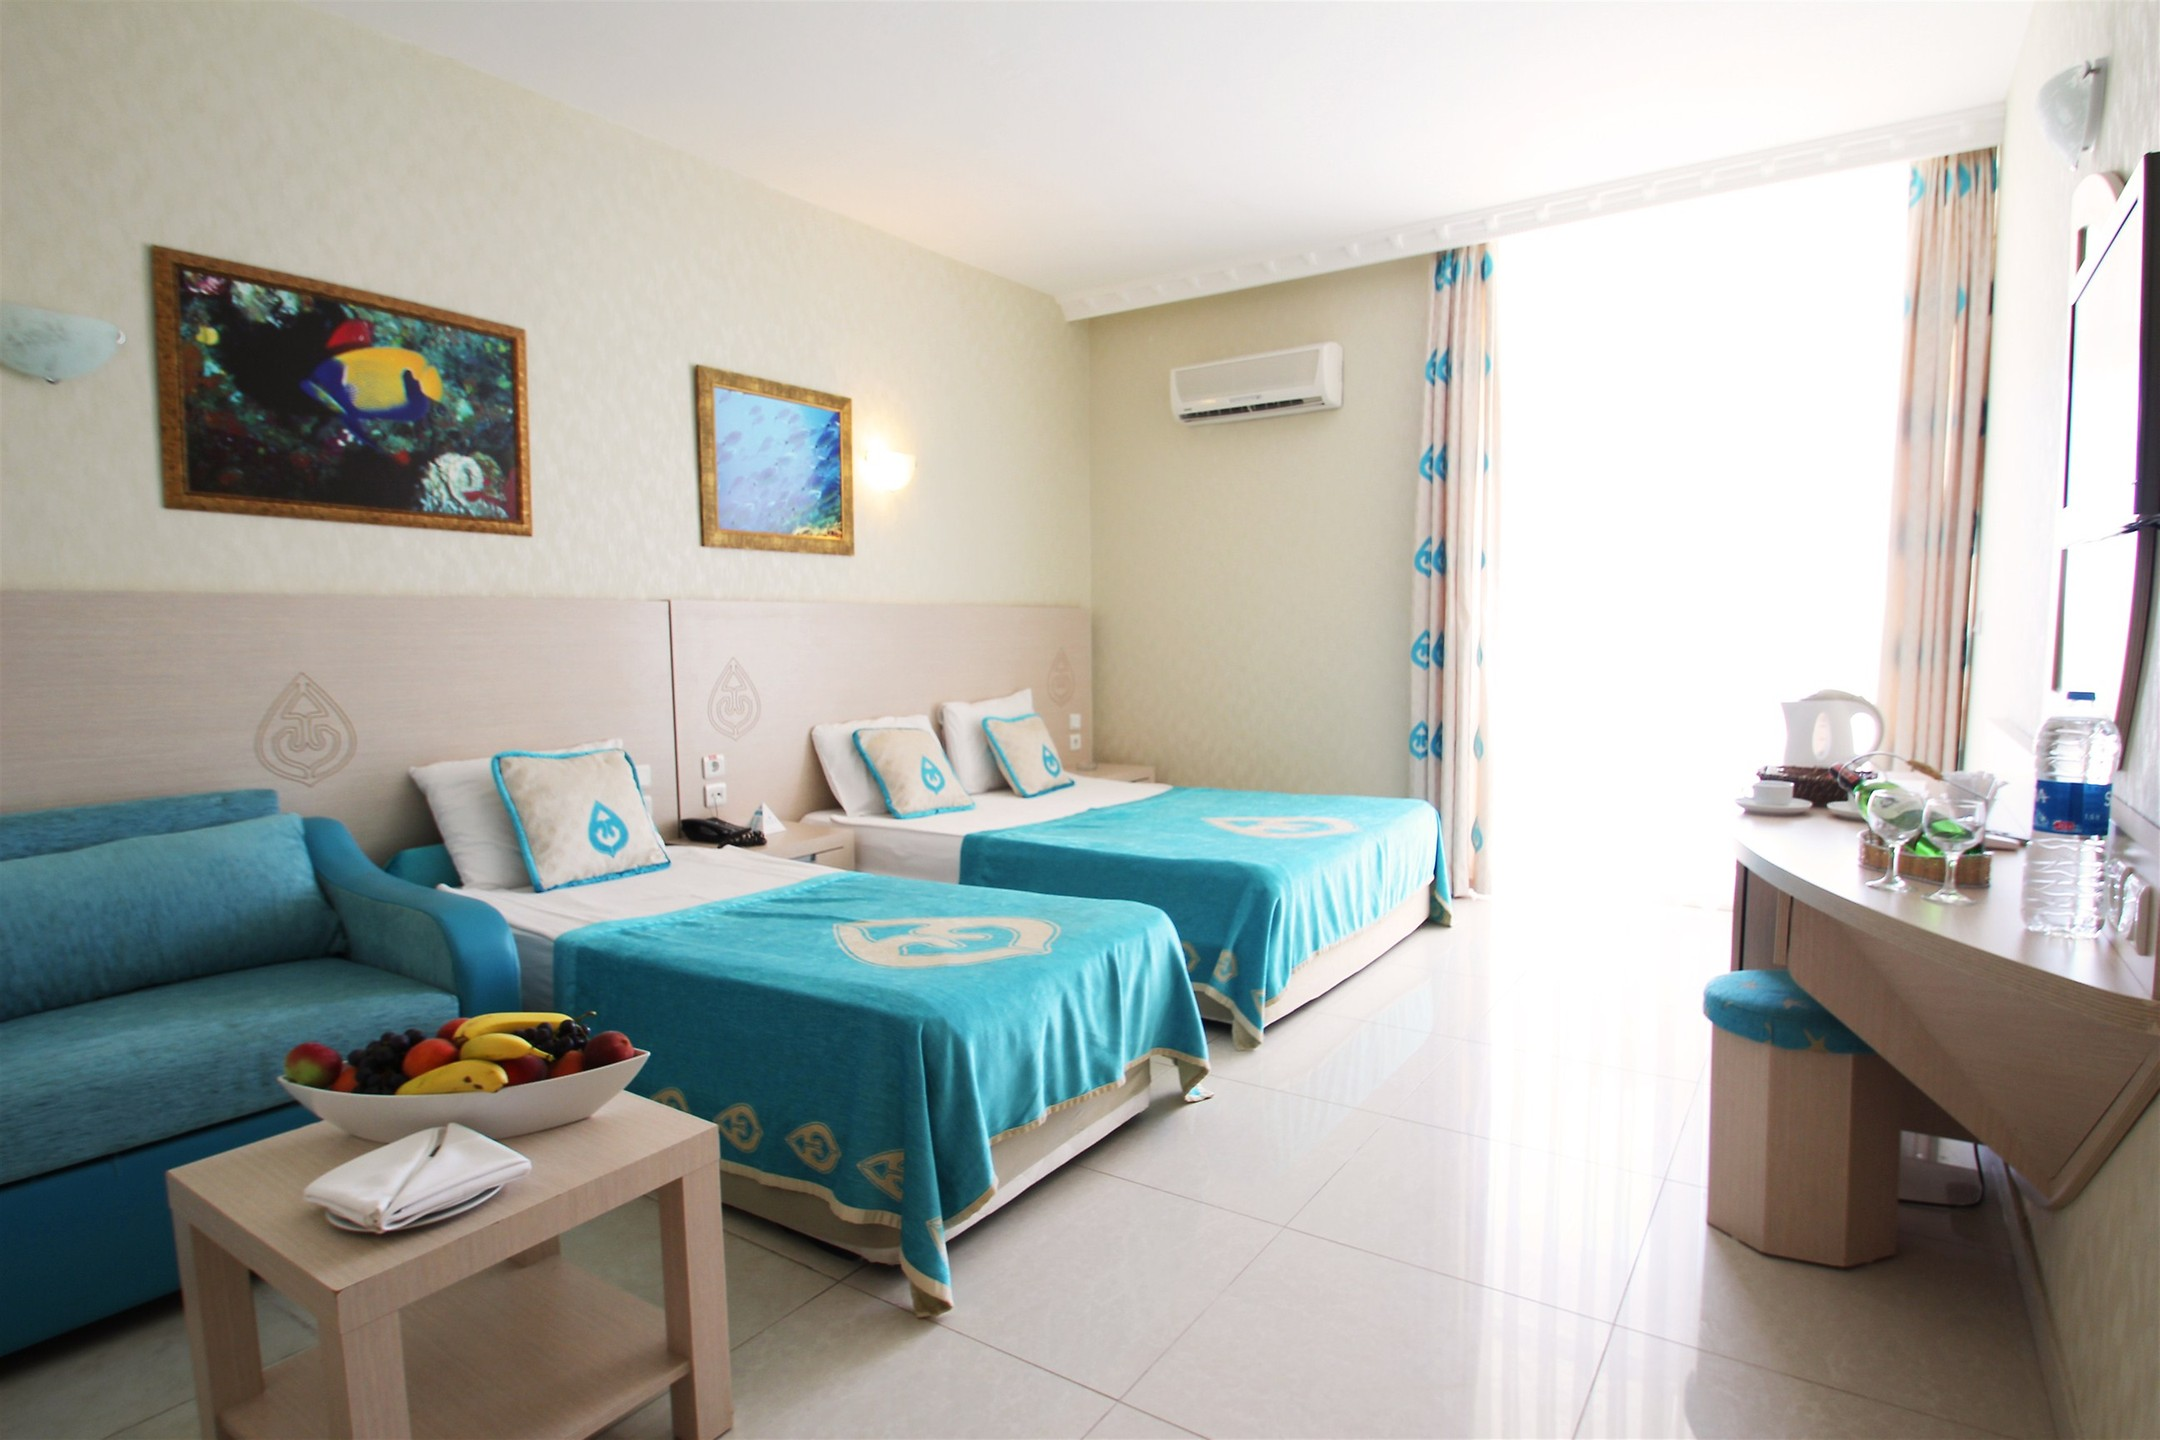 Daima-Biz-Hotel-Oda-1.jpg